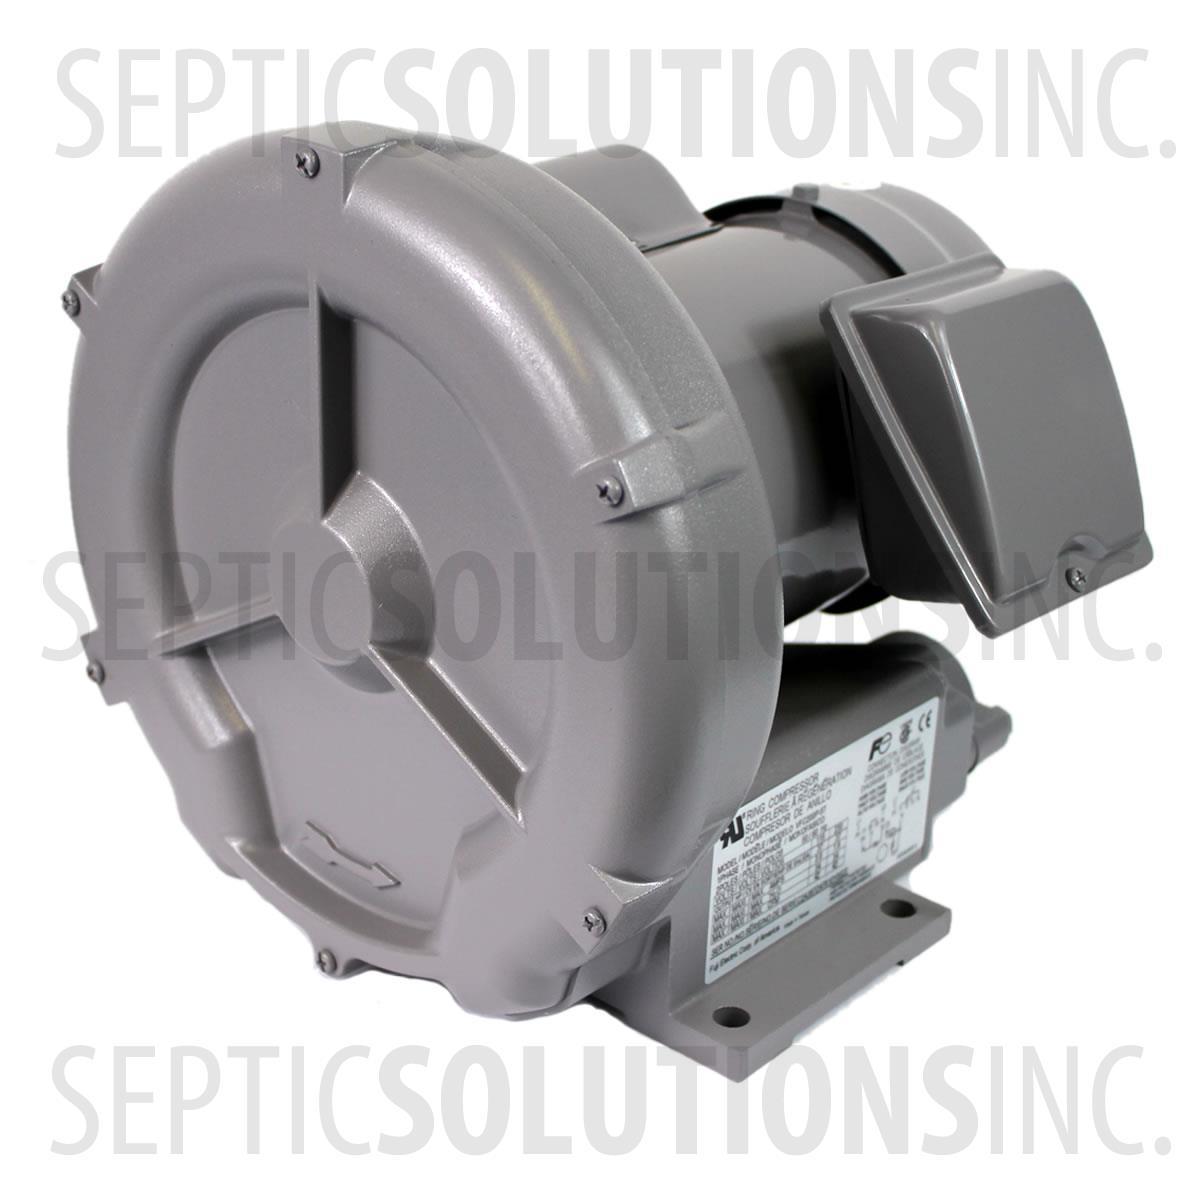 Parts Septic Air Pumps Regenerative Blowers Fuji VFC300P 5T 1/2 HP #53575B